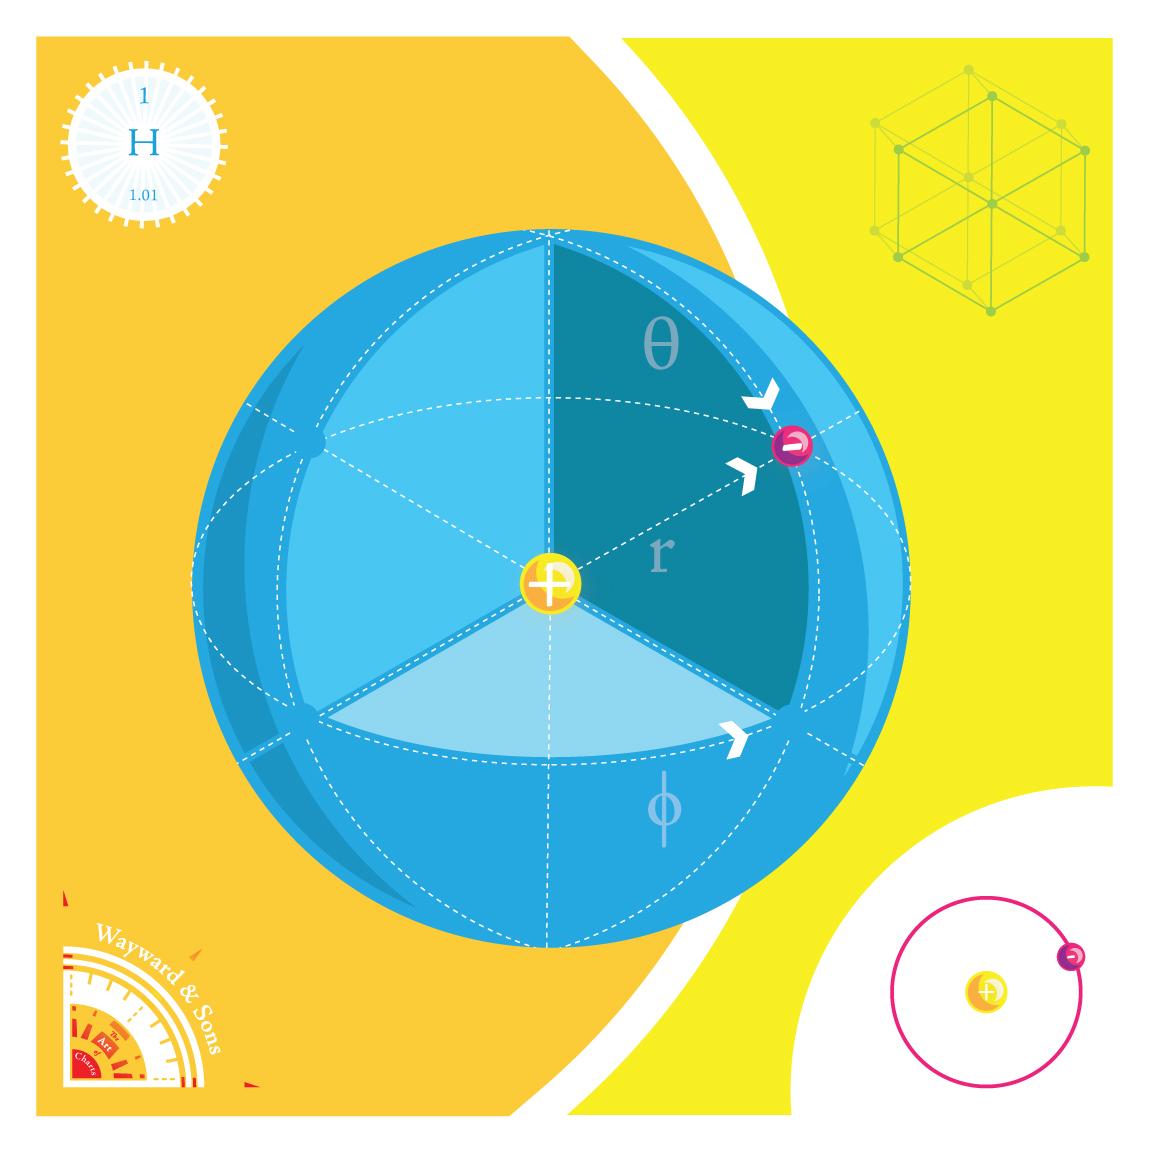 20 Great Infographics of 2012|Лучшая инфографика 2012|Топ-20